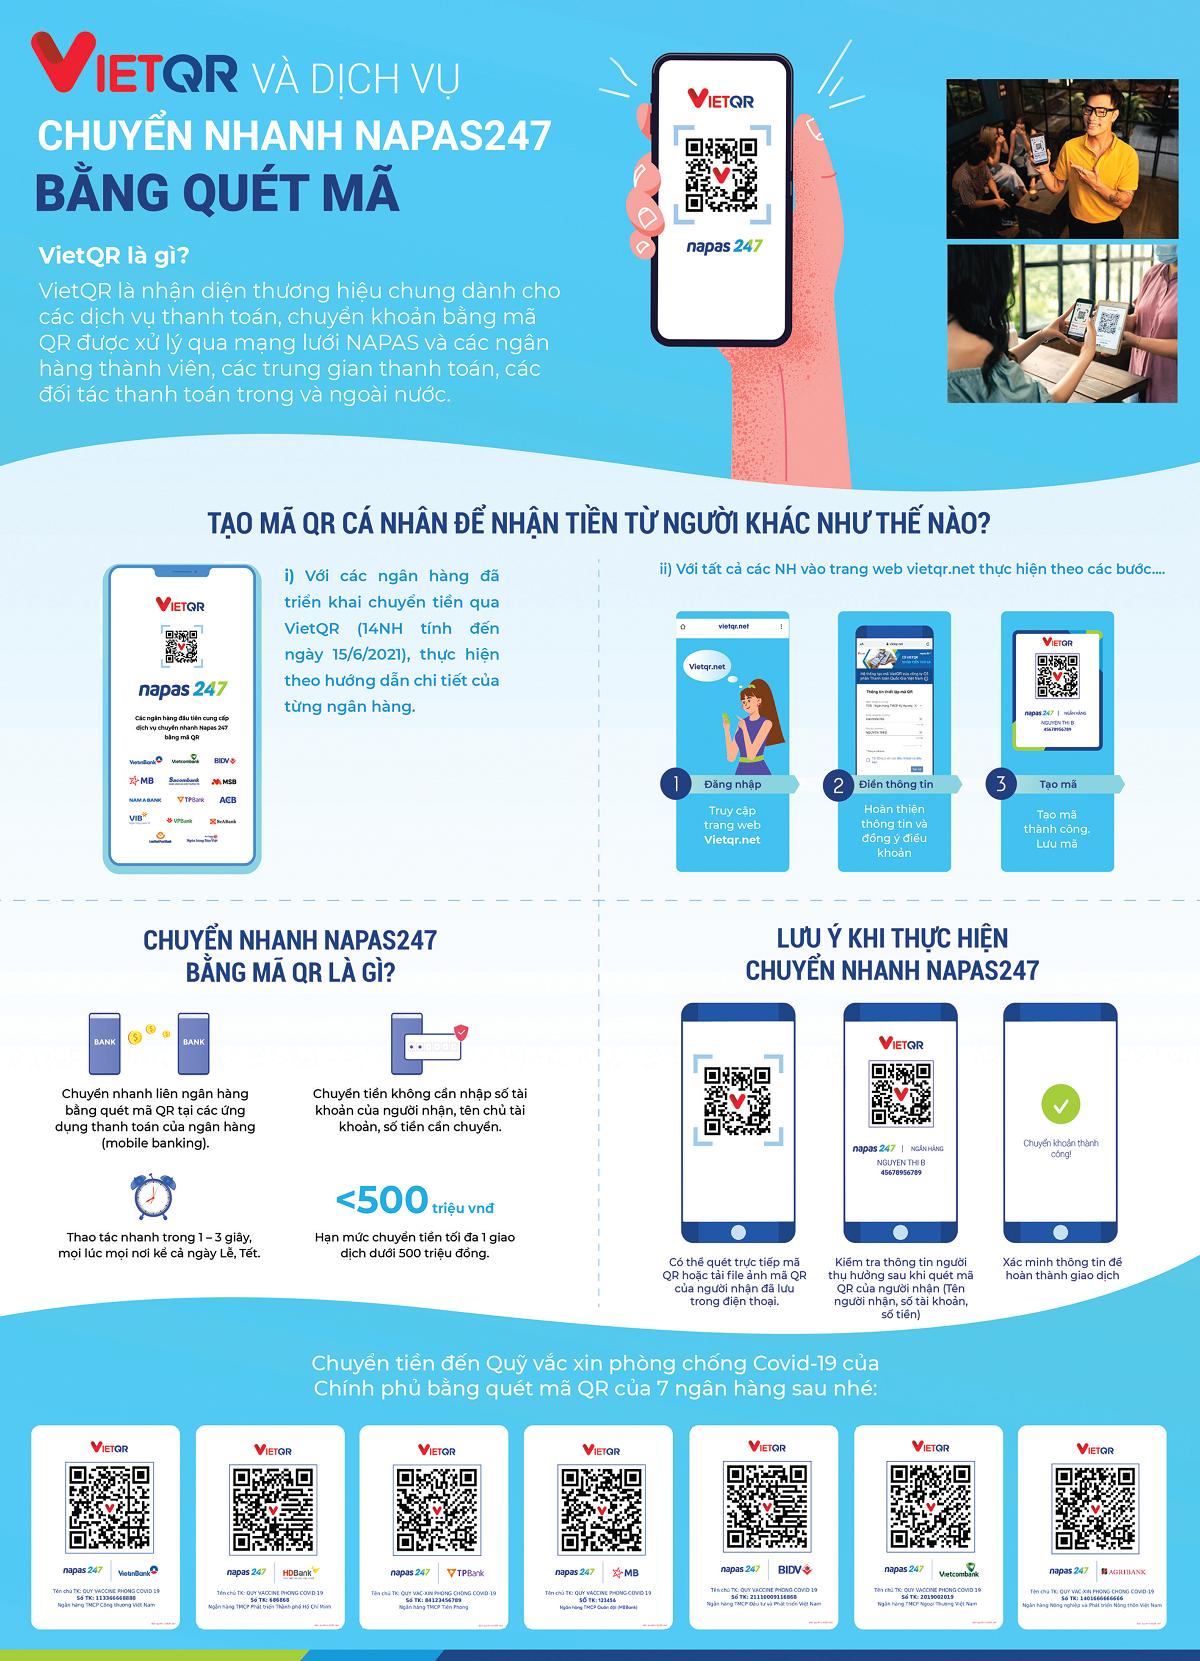 [Infographic] Các bước chuyển tiền nhanh NAPAS247 bằng mã QR